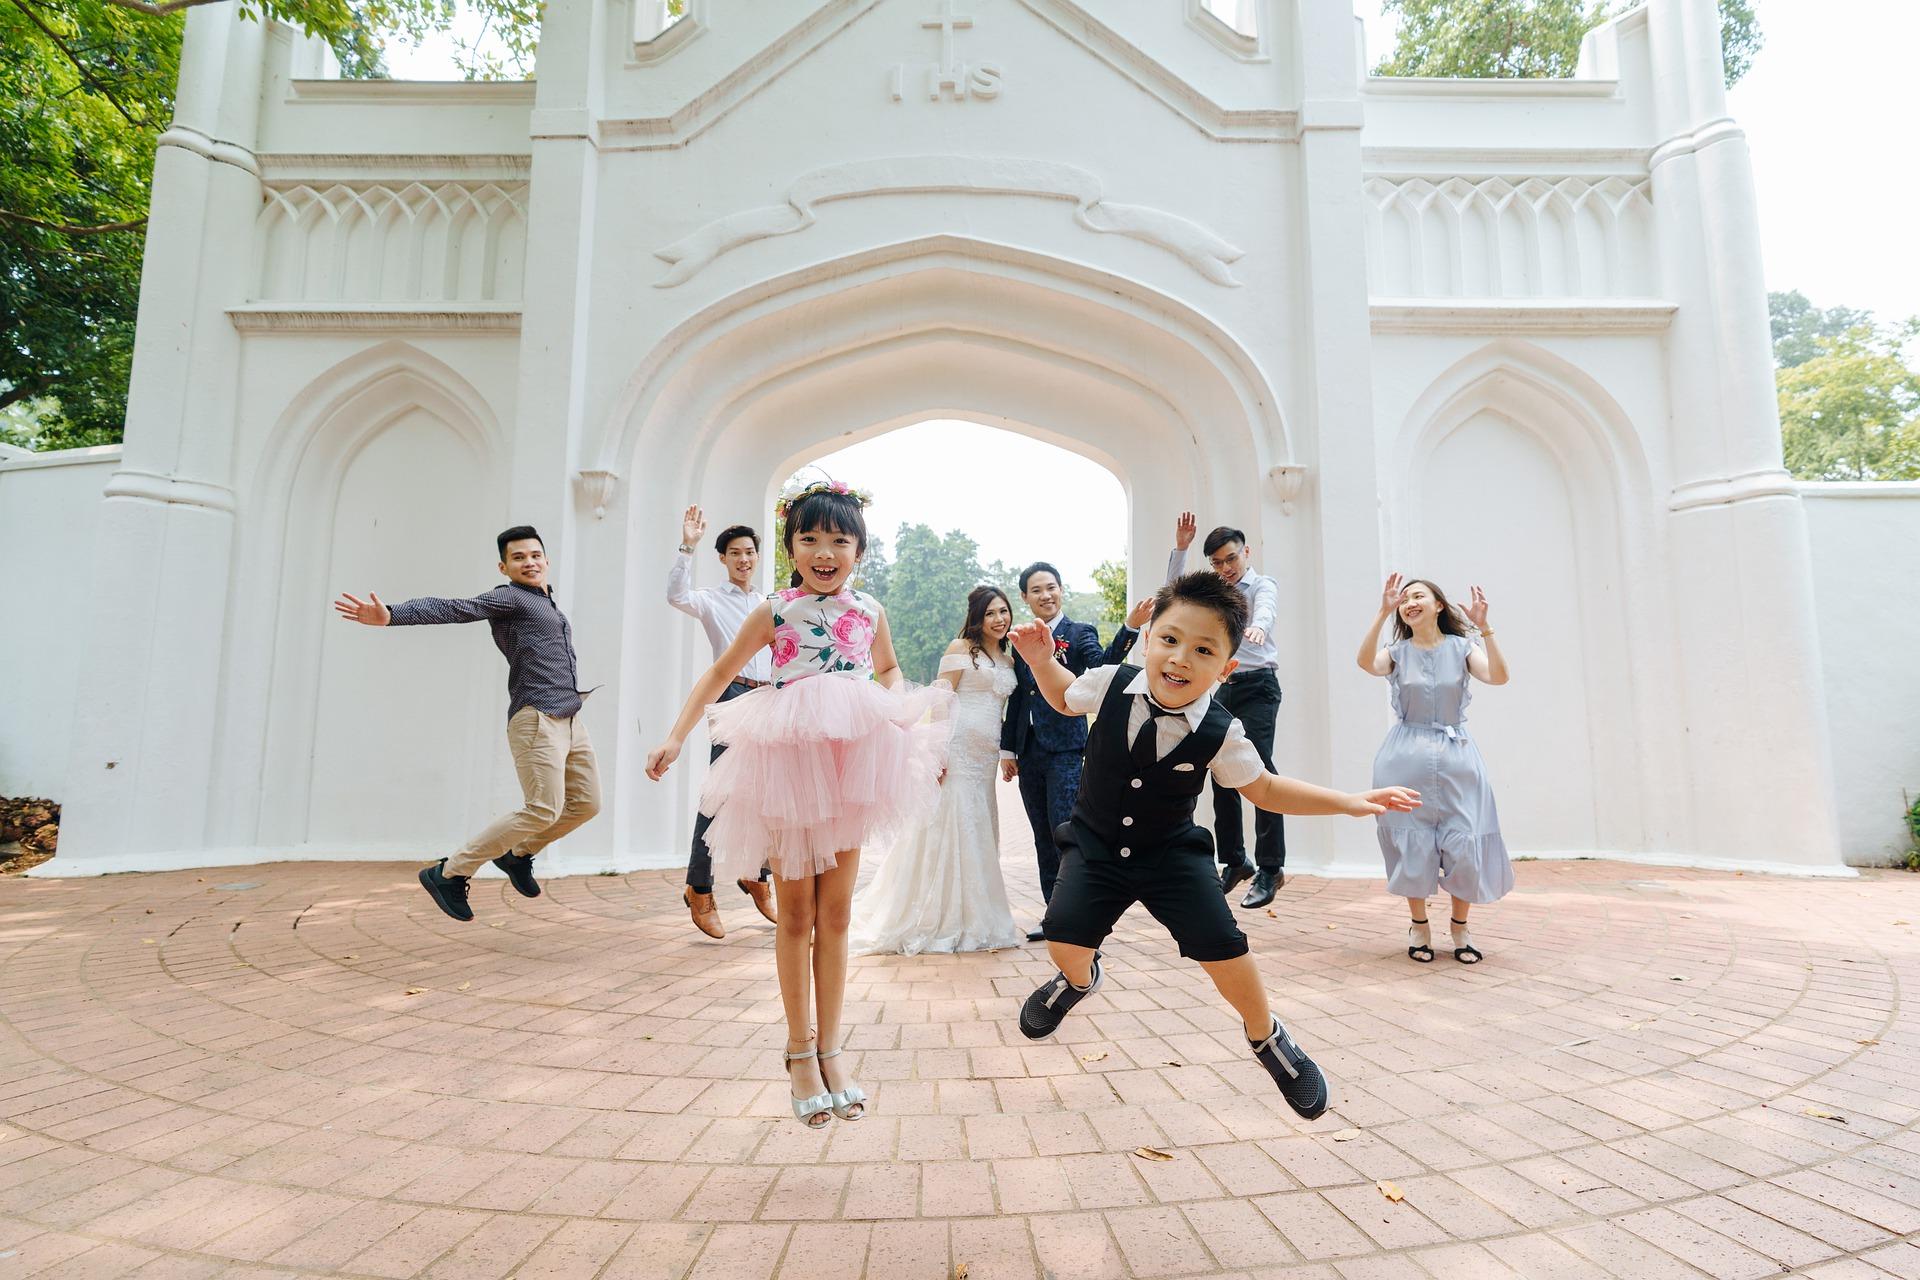 Happy children at a wedding